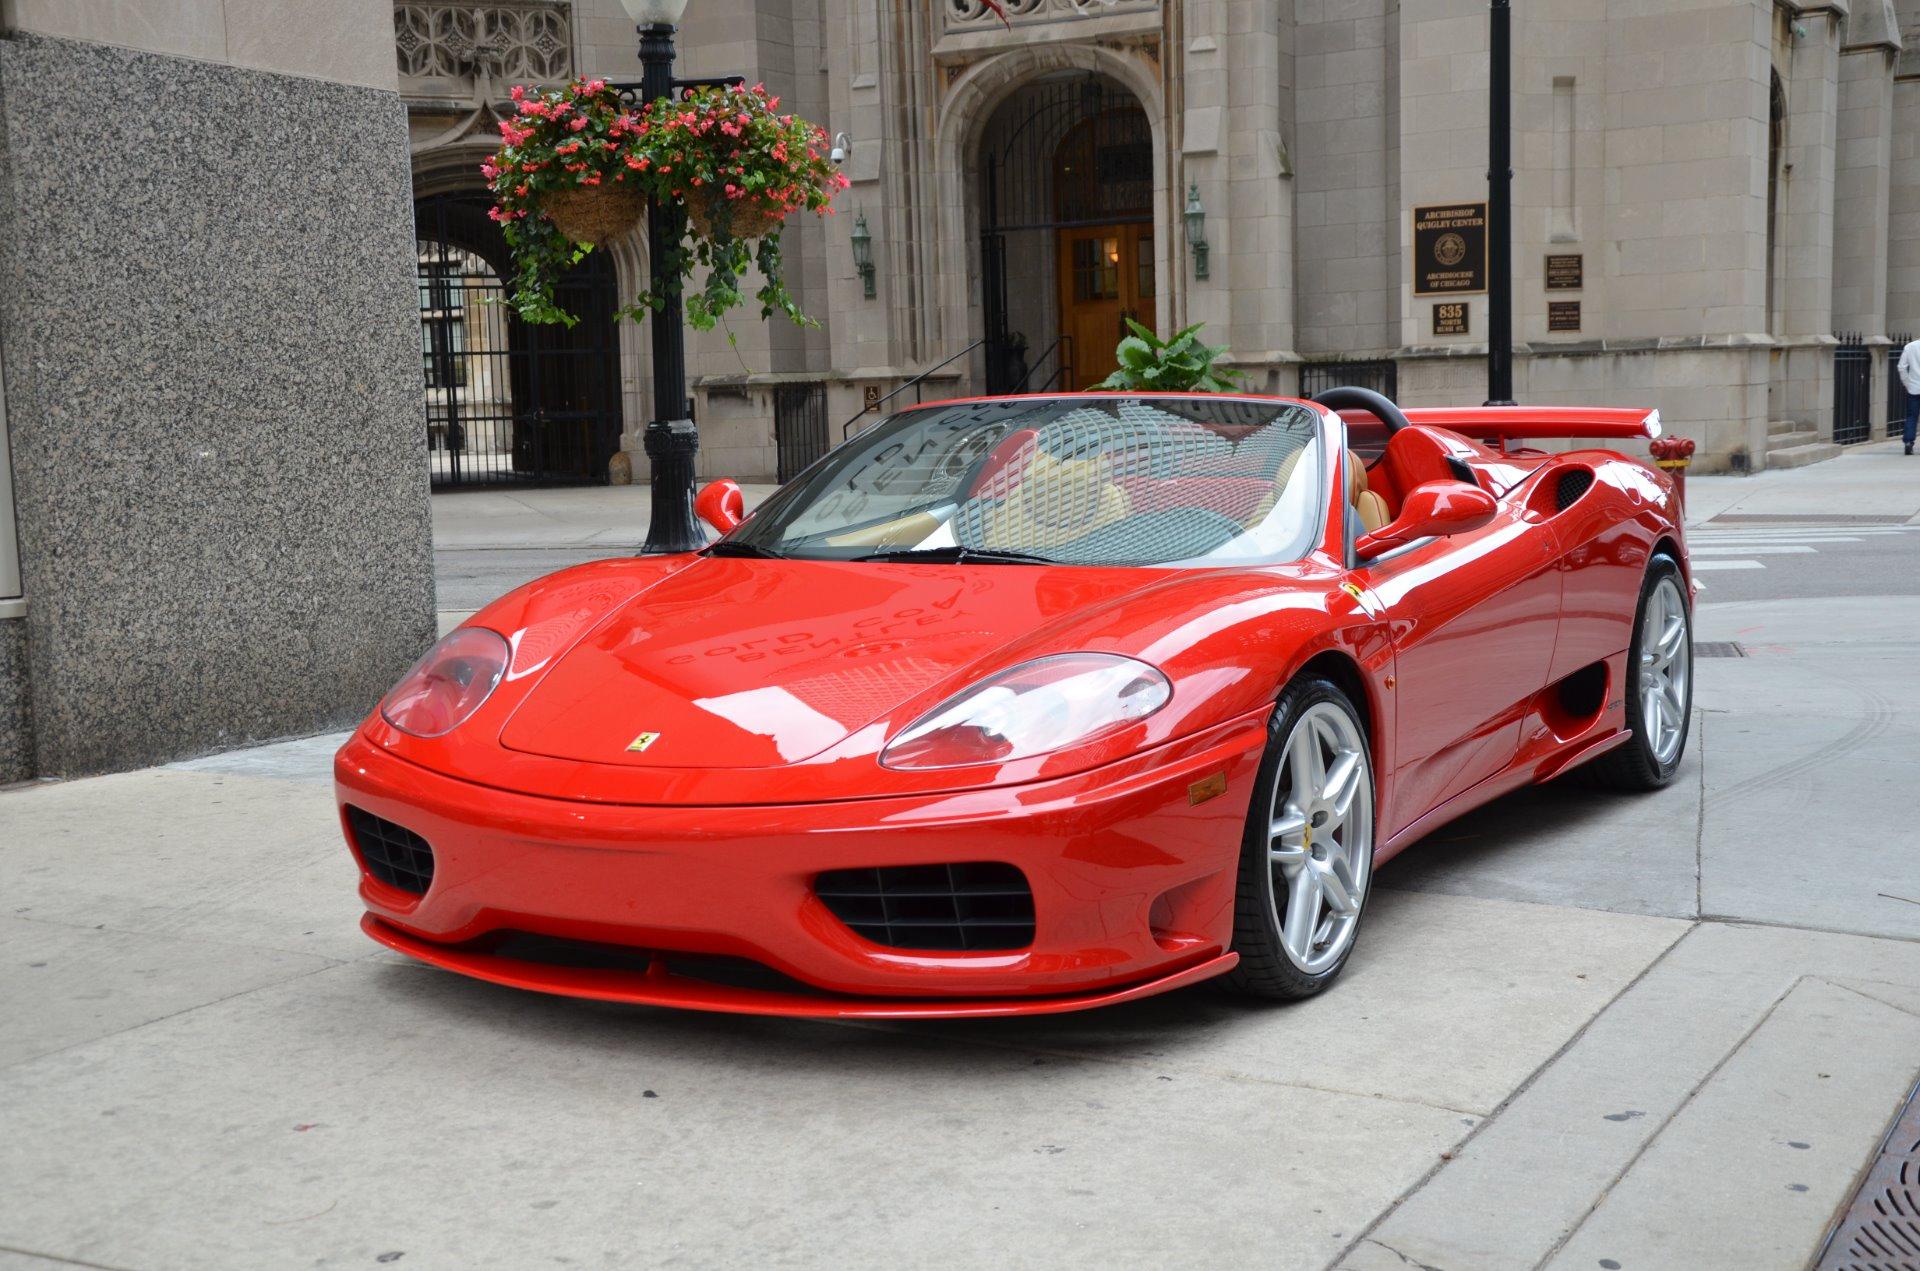 2003 Ferrari 360 Spider Stock # GC-CHRIS99 For Sale Near